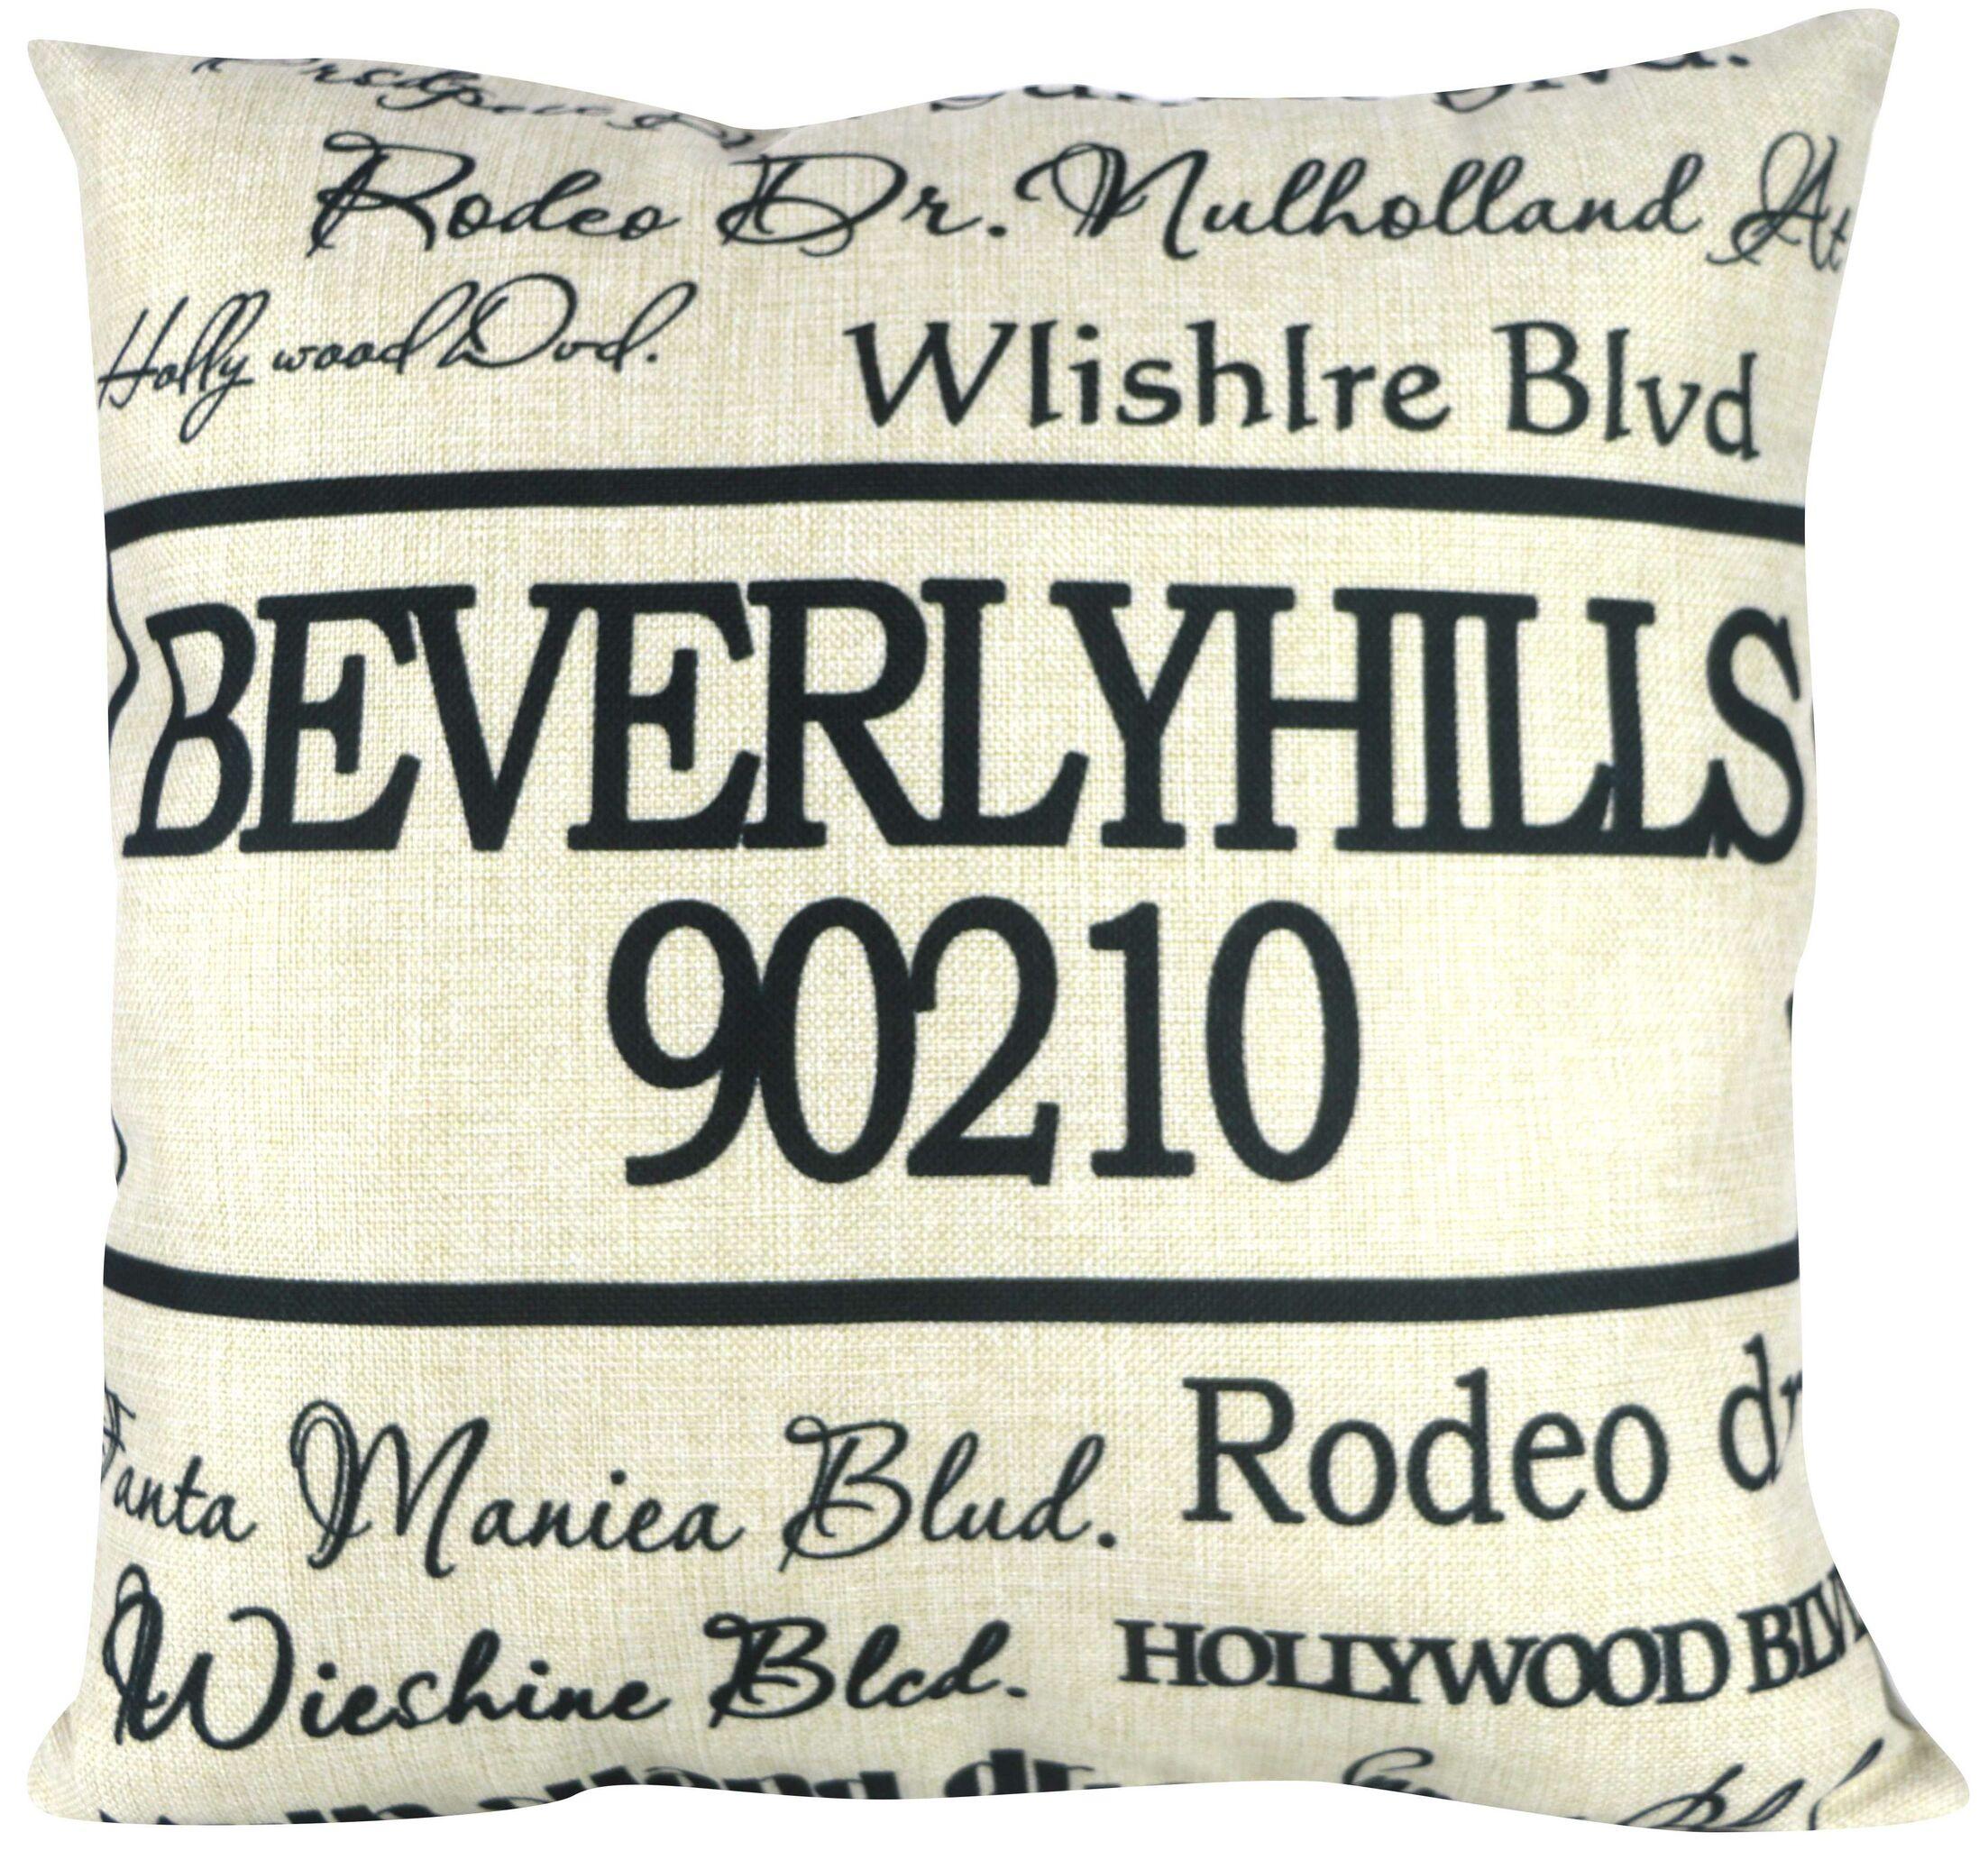 90210 Beverly Hills Throw Pillow